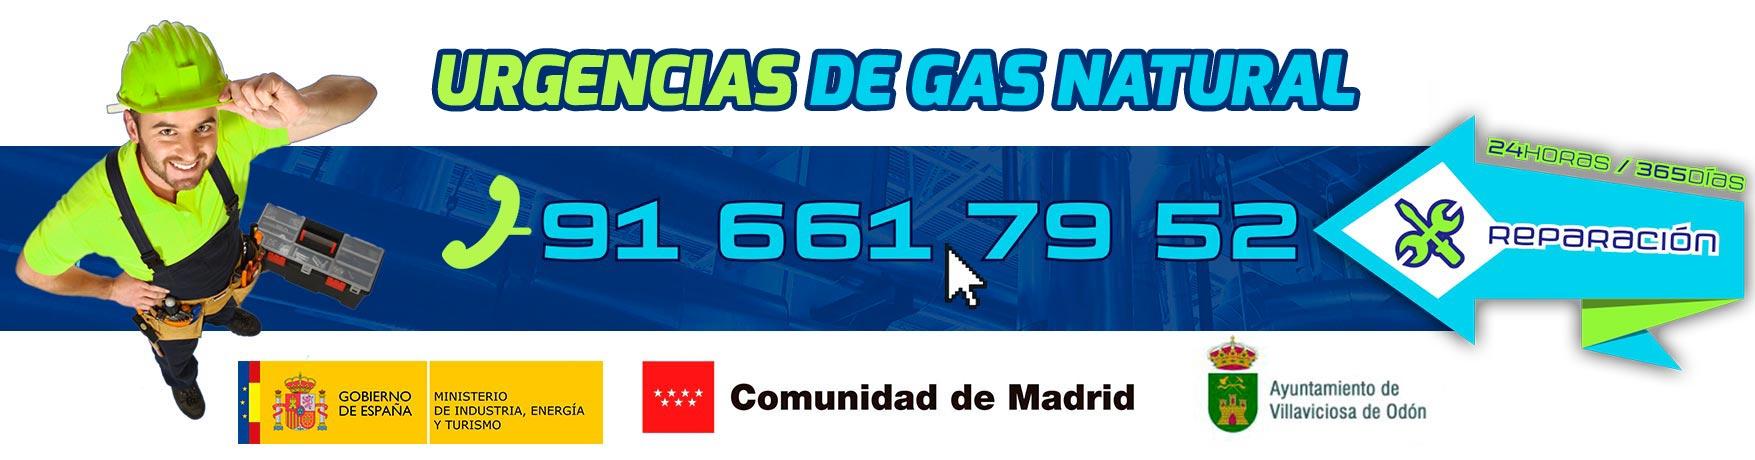 Reparación urgencias gas natural en Villaviciosa de Odón